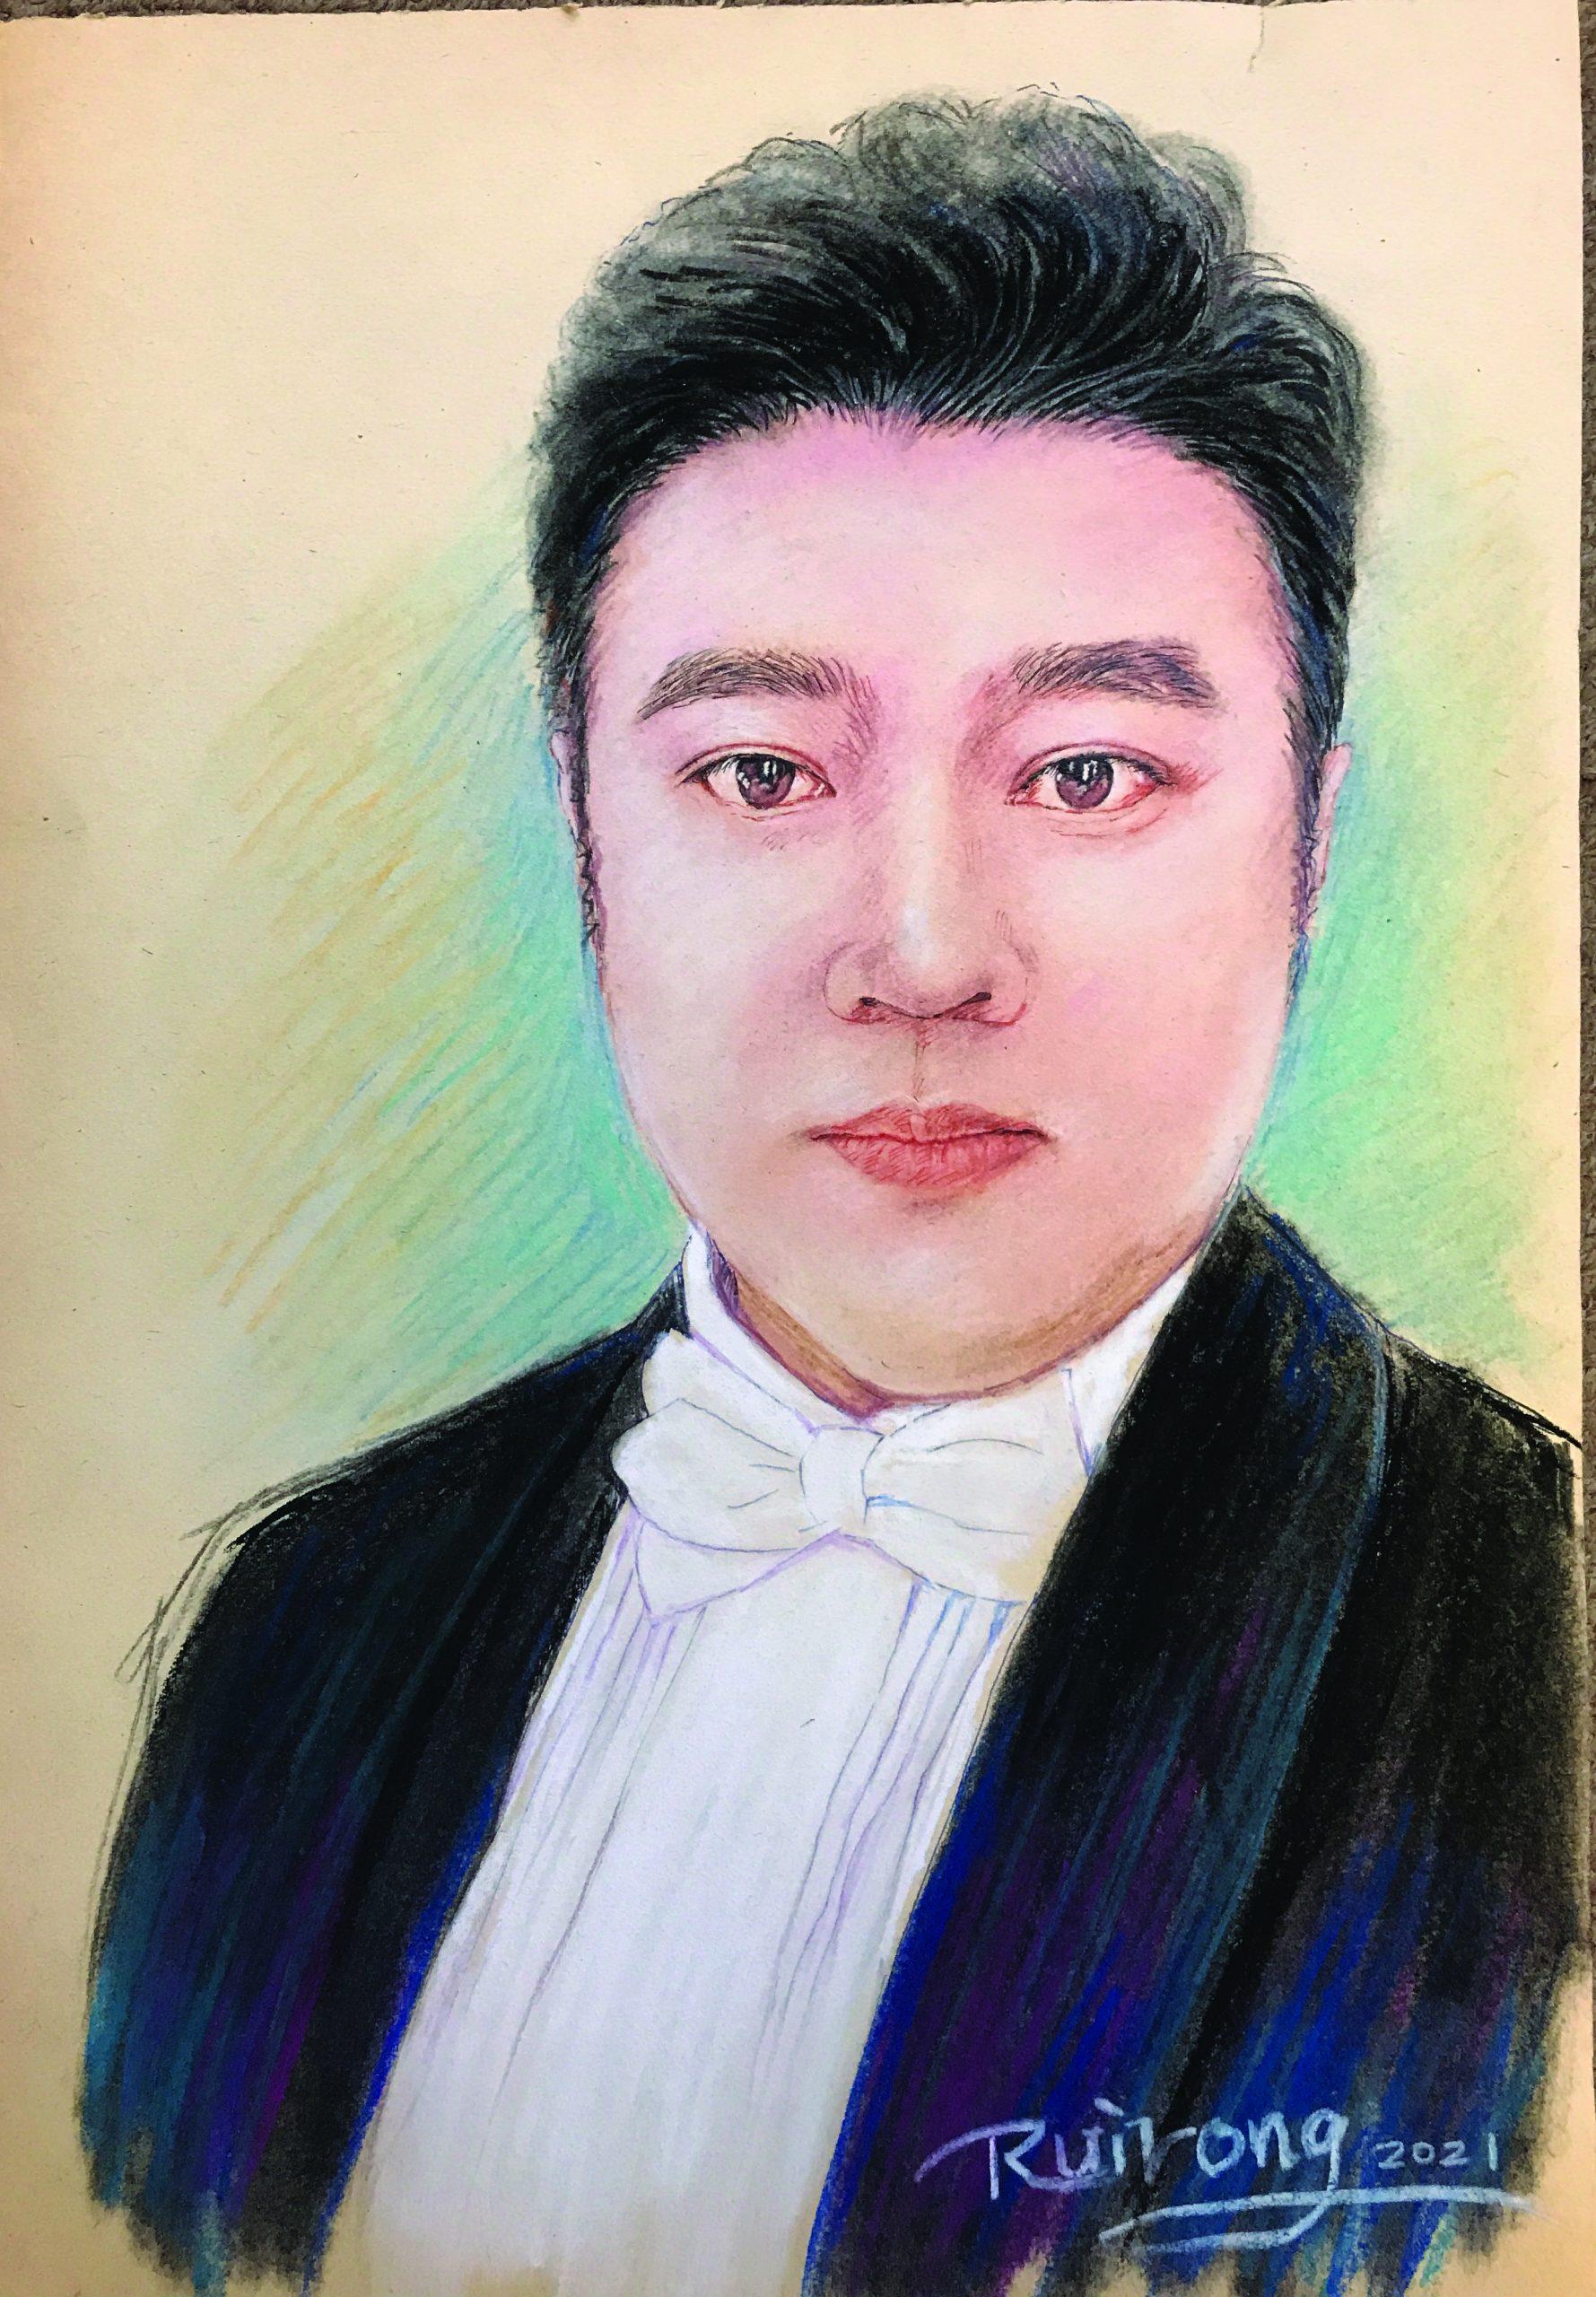 瑞荣画笔下曾经迷倒千百位老年声乐爱好者的——毛伟钊